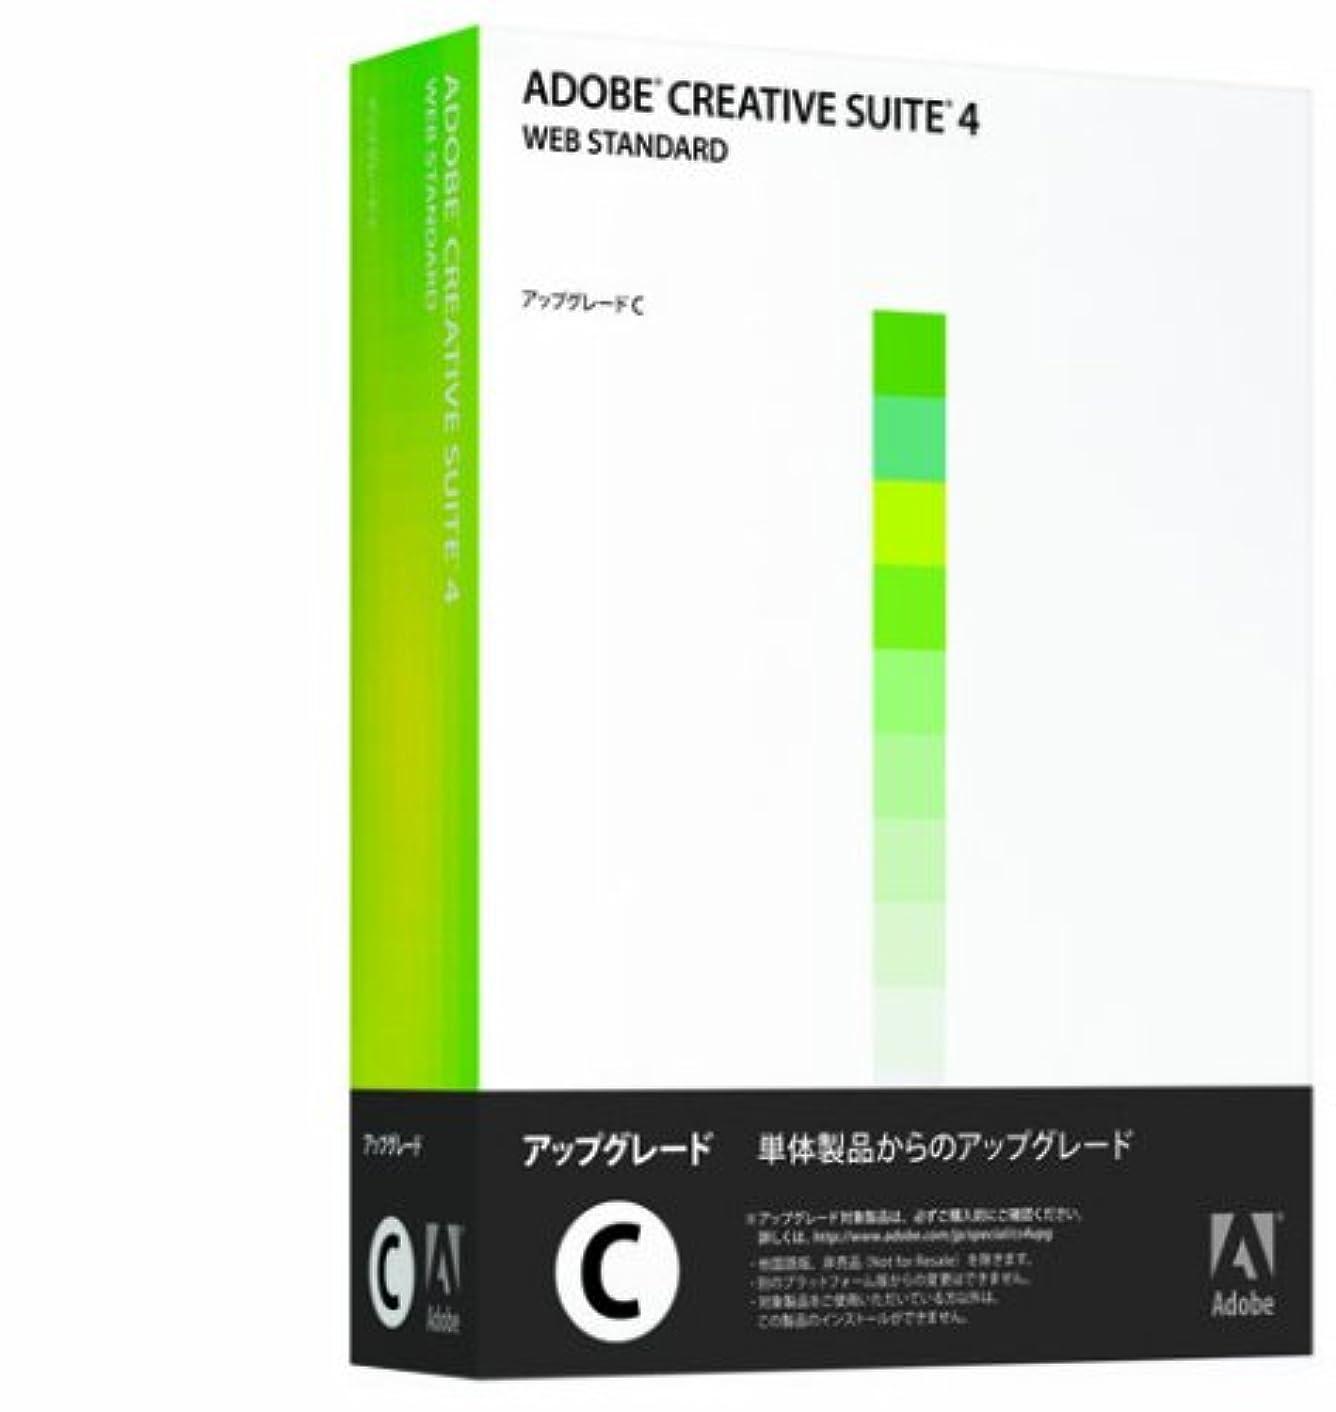 ところでみなす予約Adobe Creative Suite 4 Web Standard 日本語版 アップグレード版C (FROM DRWV/FLPR) Macintosh版 (旧製品)